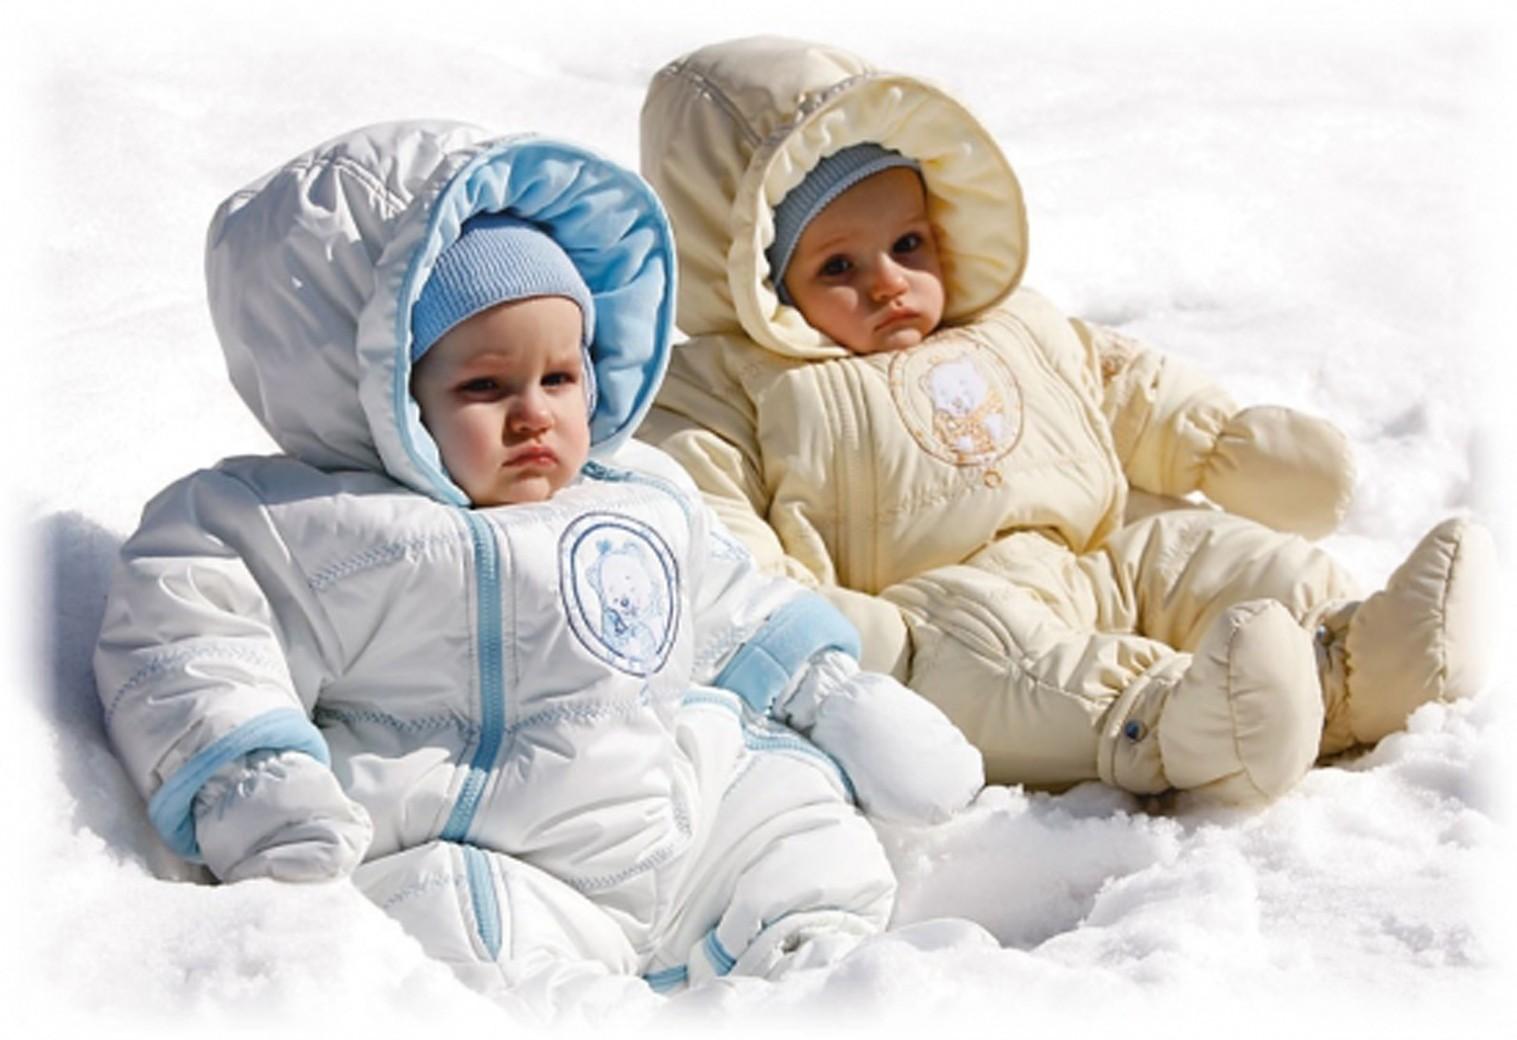 Важность хорошей одежды для детей